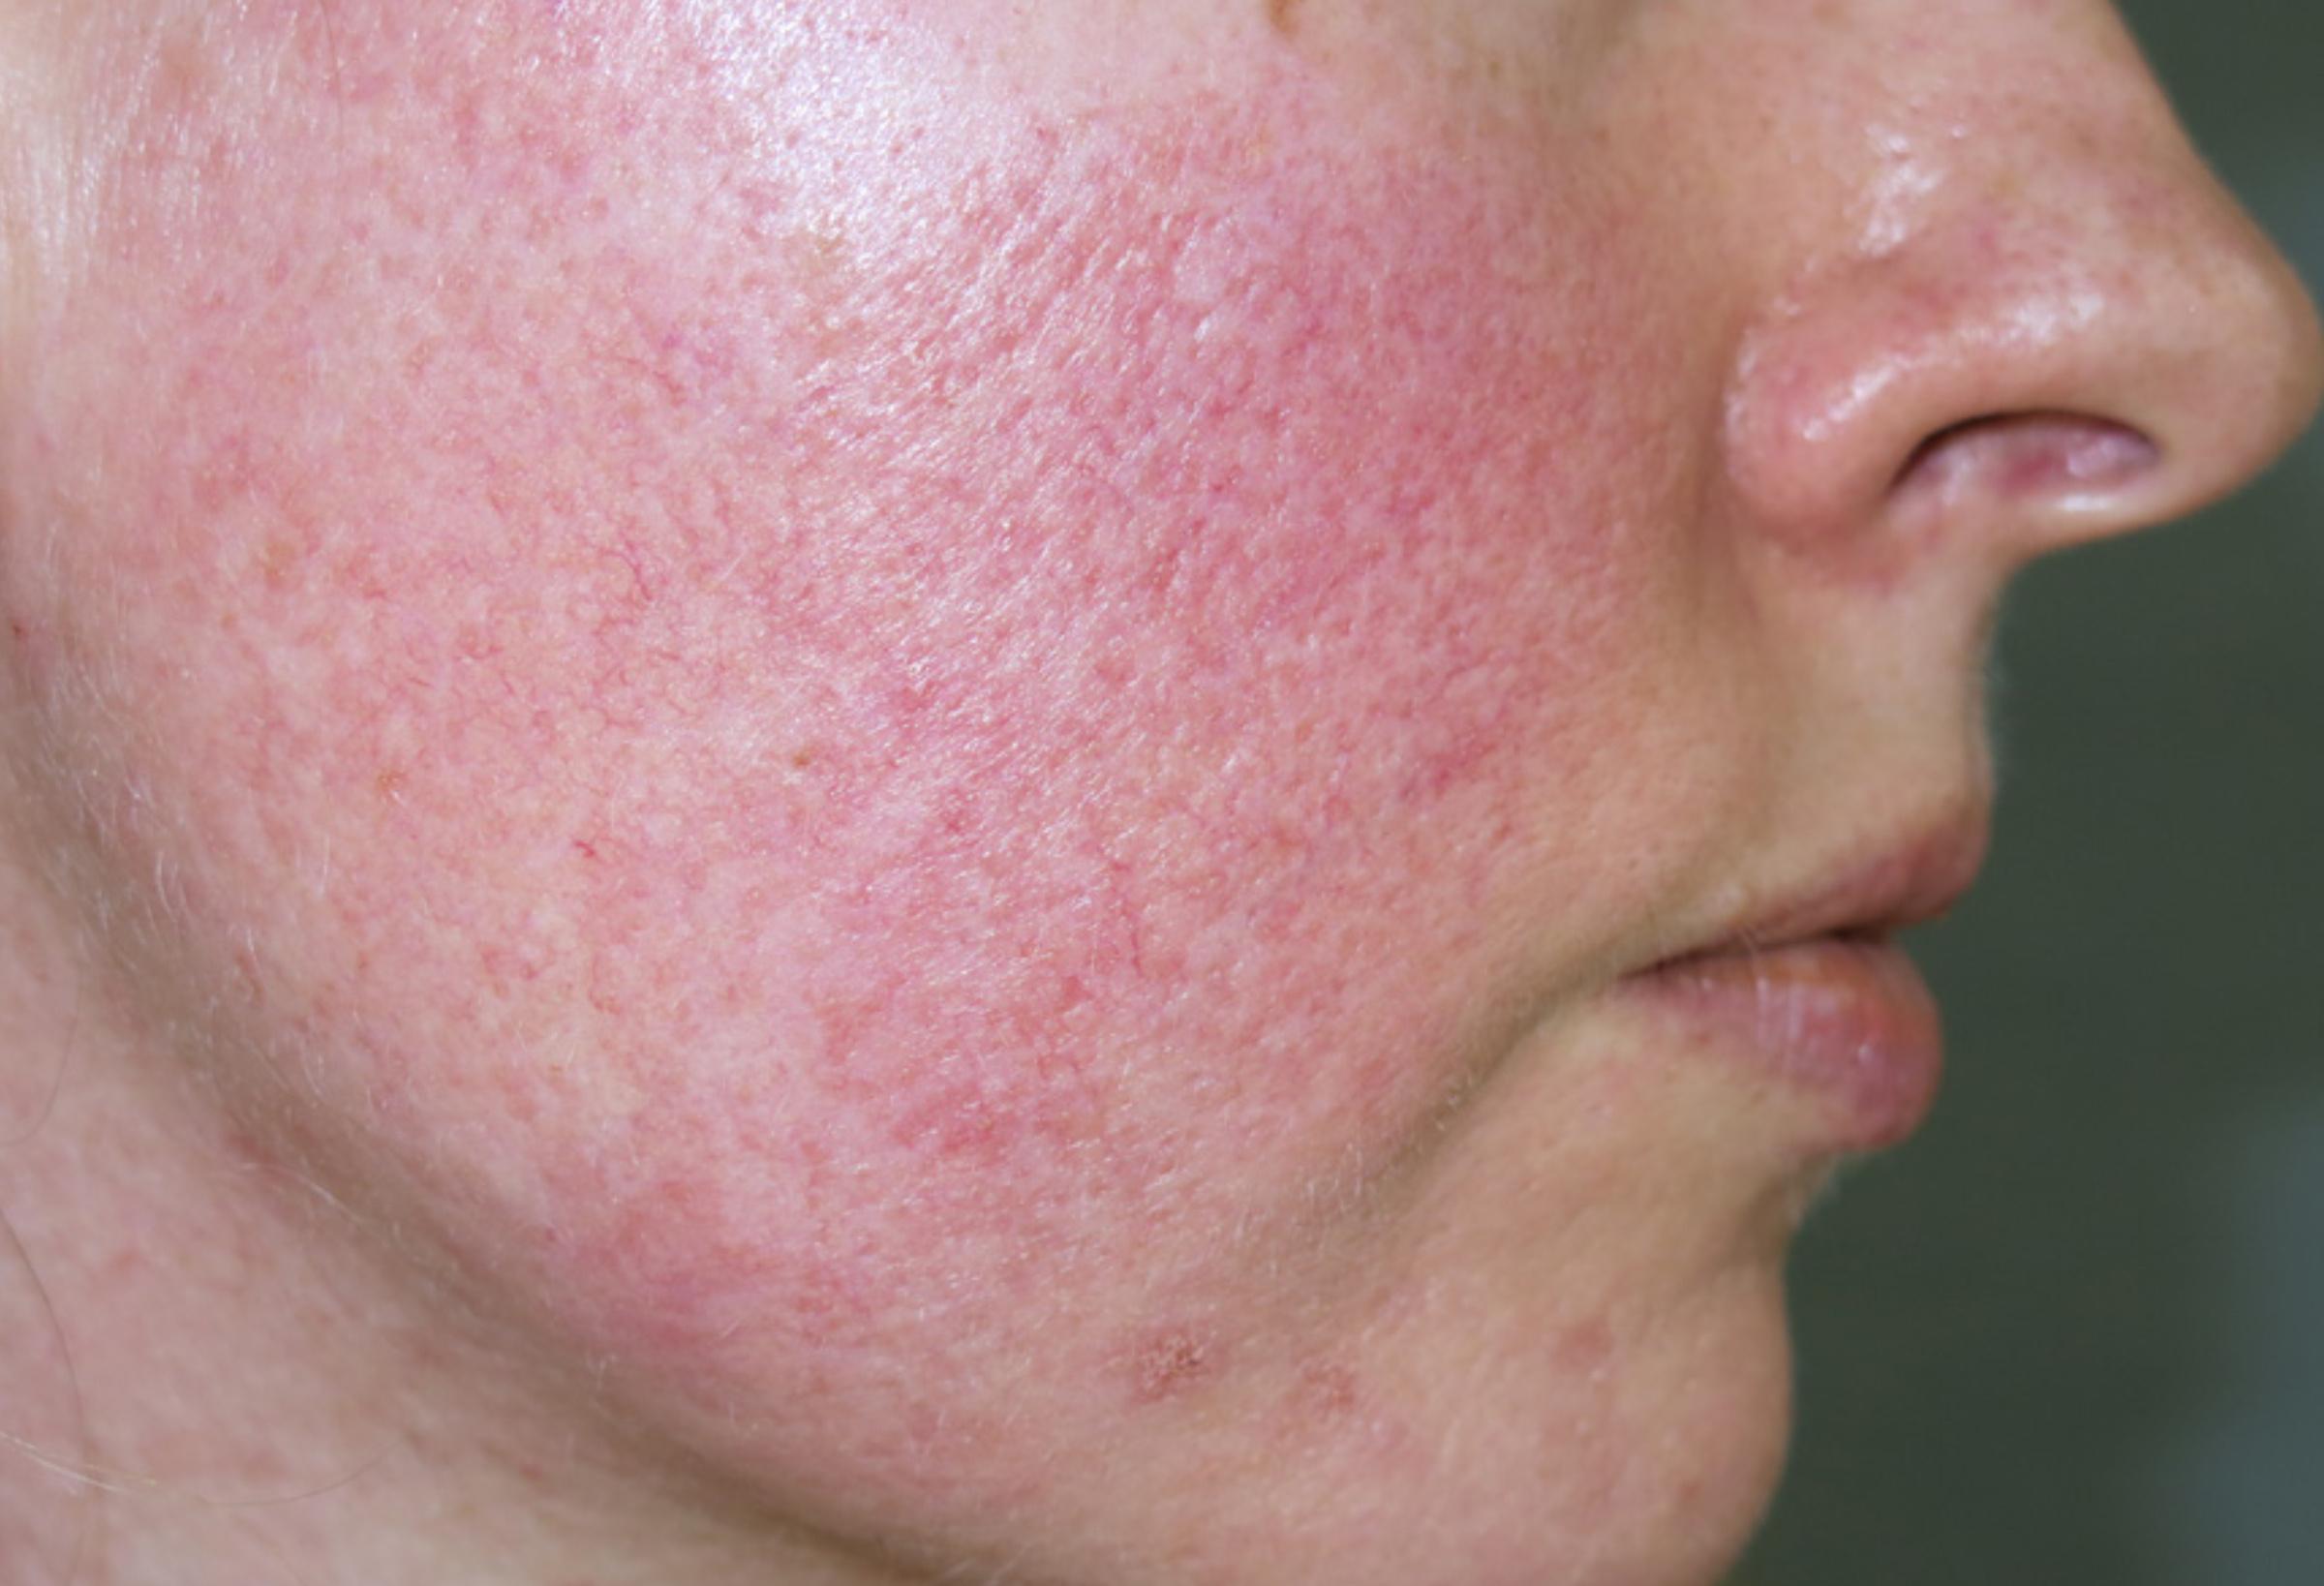 hogyan lehet megszabadulni az arcbőr piros foltjaitól a bőrön egy piros peremű folt fáj